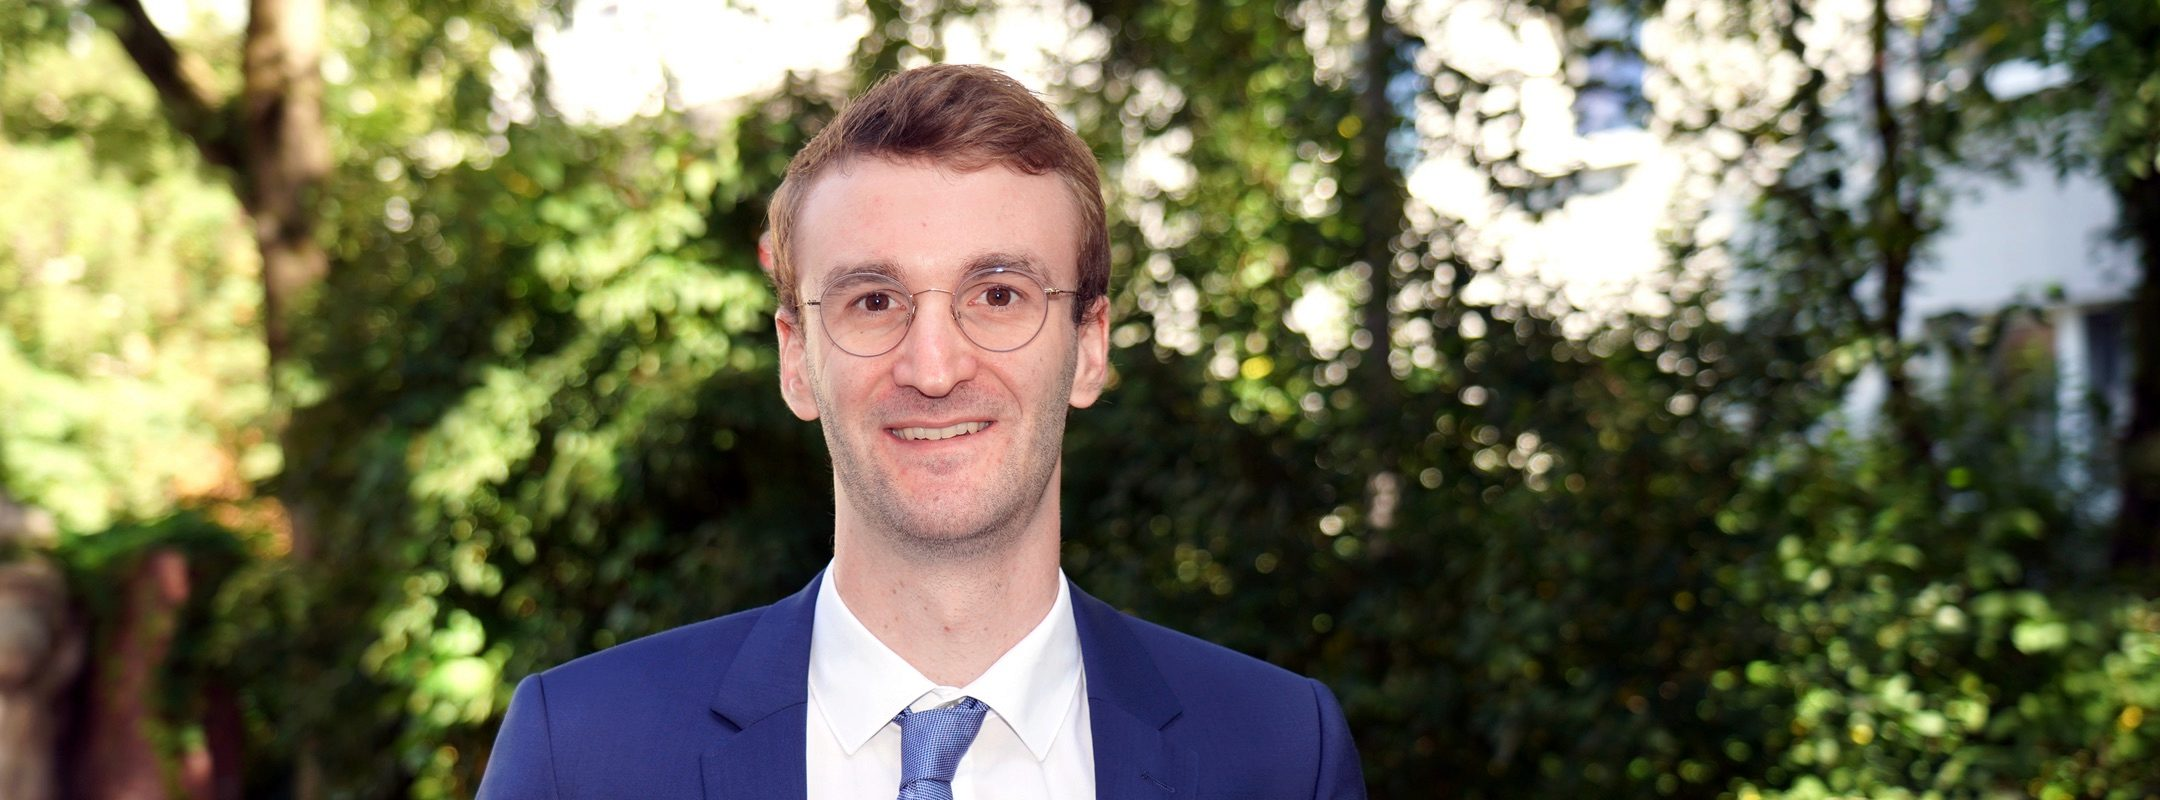 Benedikt Weigl Jurist Stadtverwaltung München